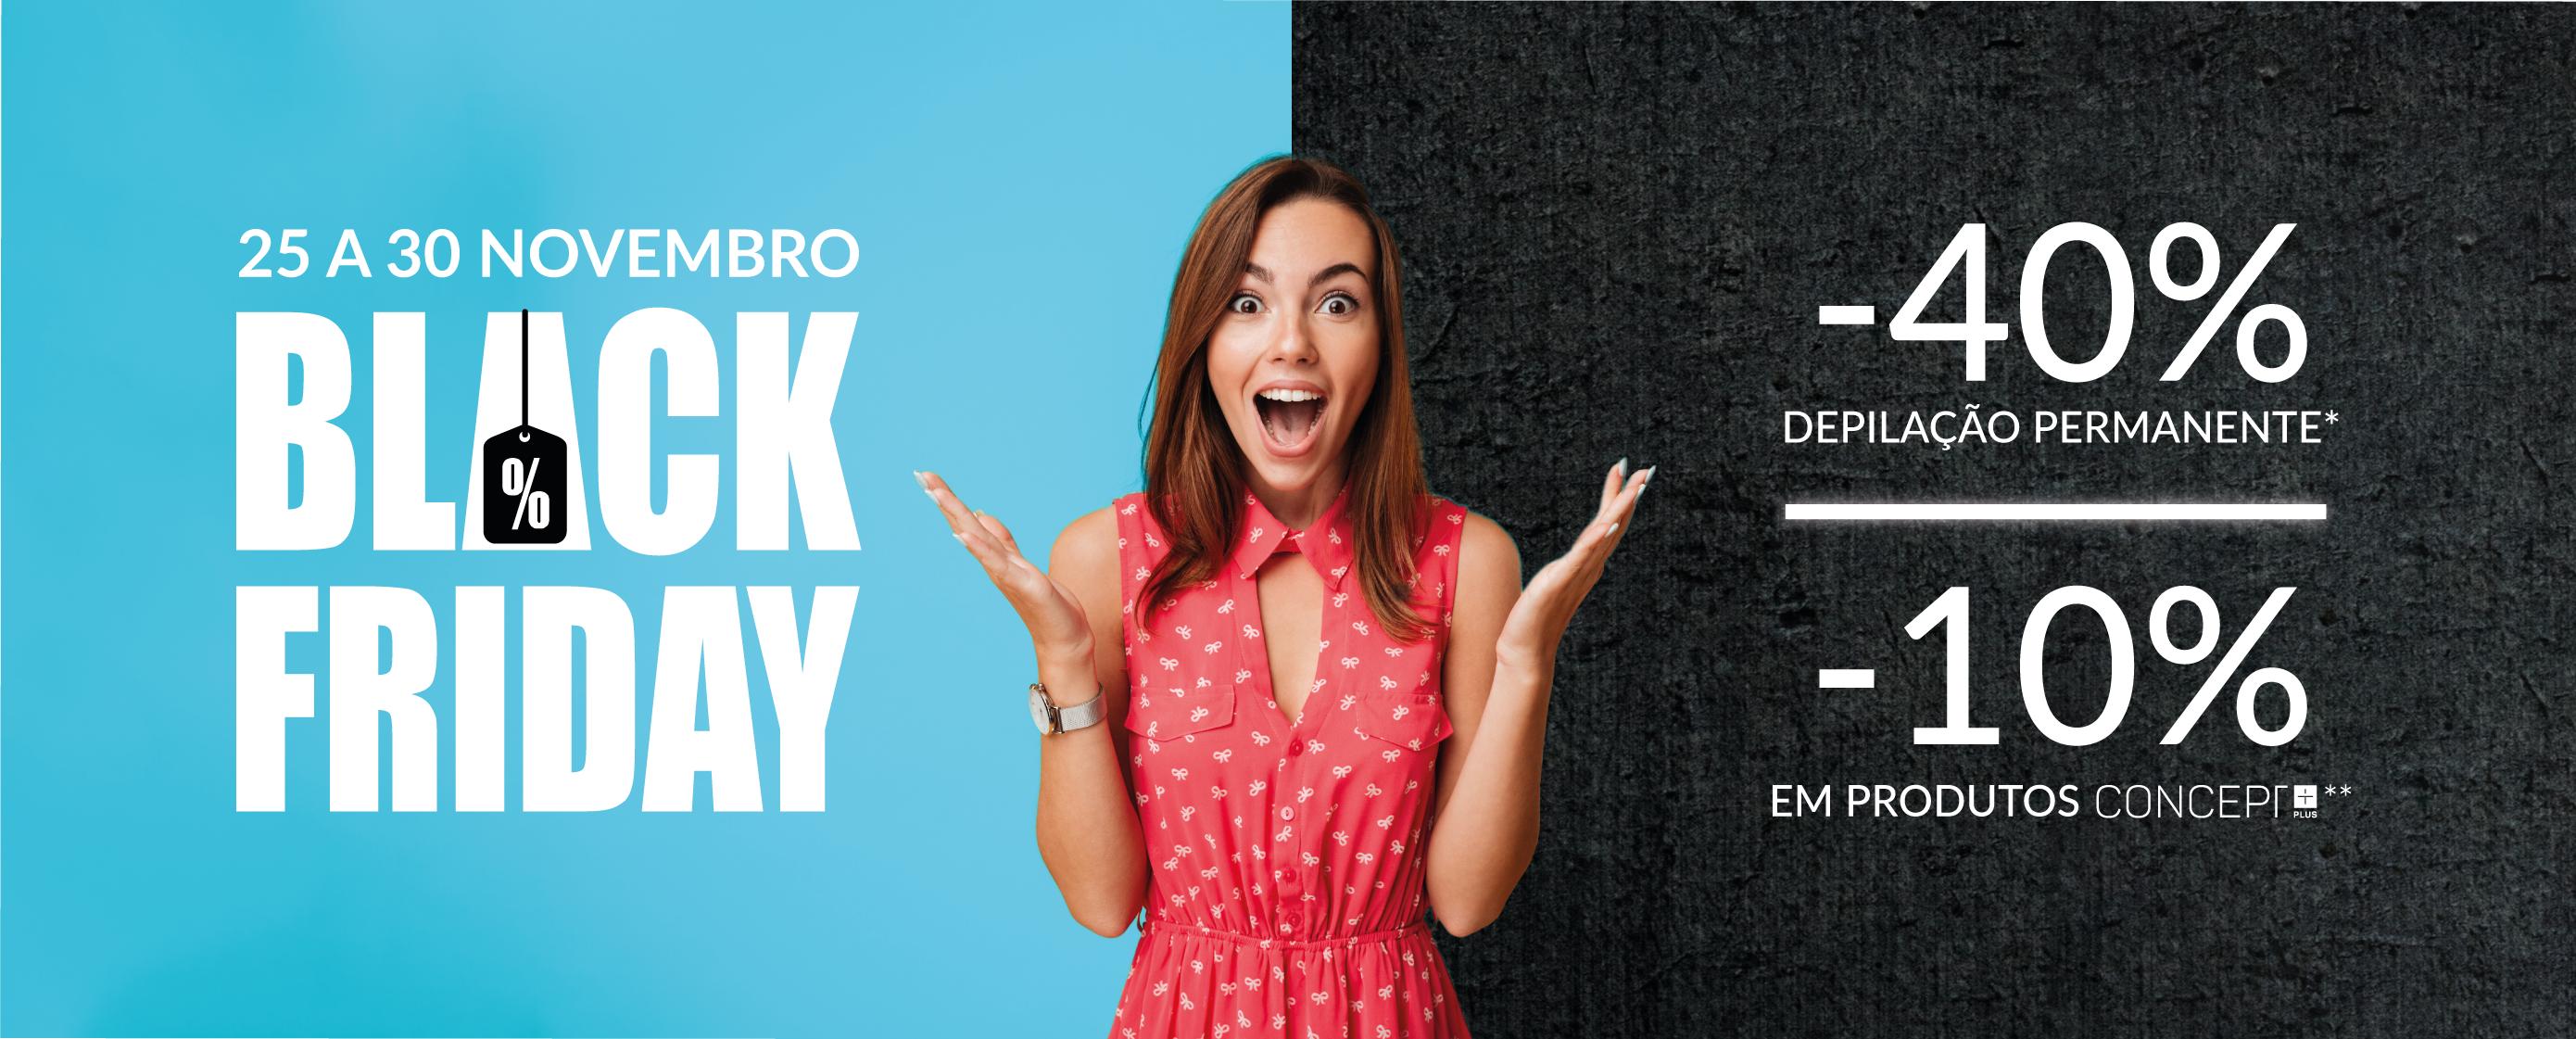 Black Friday DepilConcept: 40% De Desconto Em Depilação Permanente + 10% De Desconto Nos Produtos Concept+